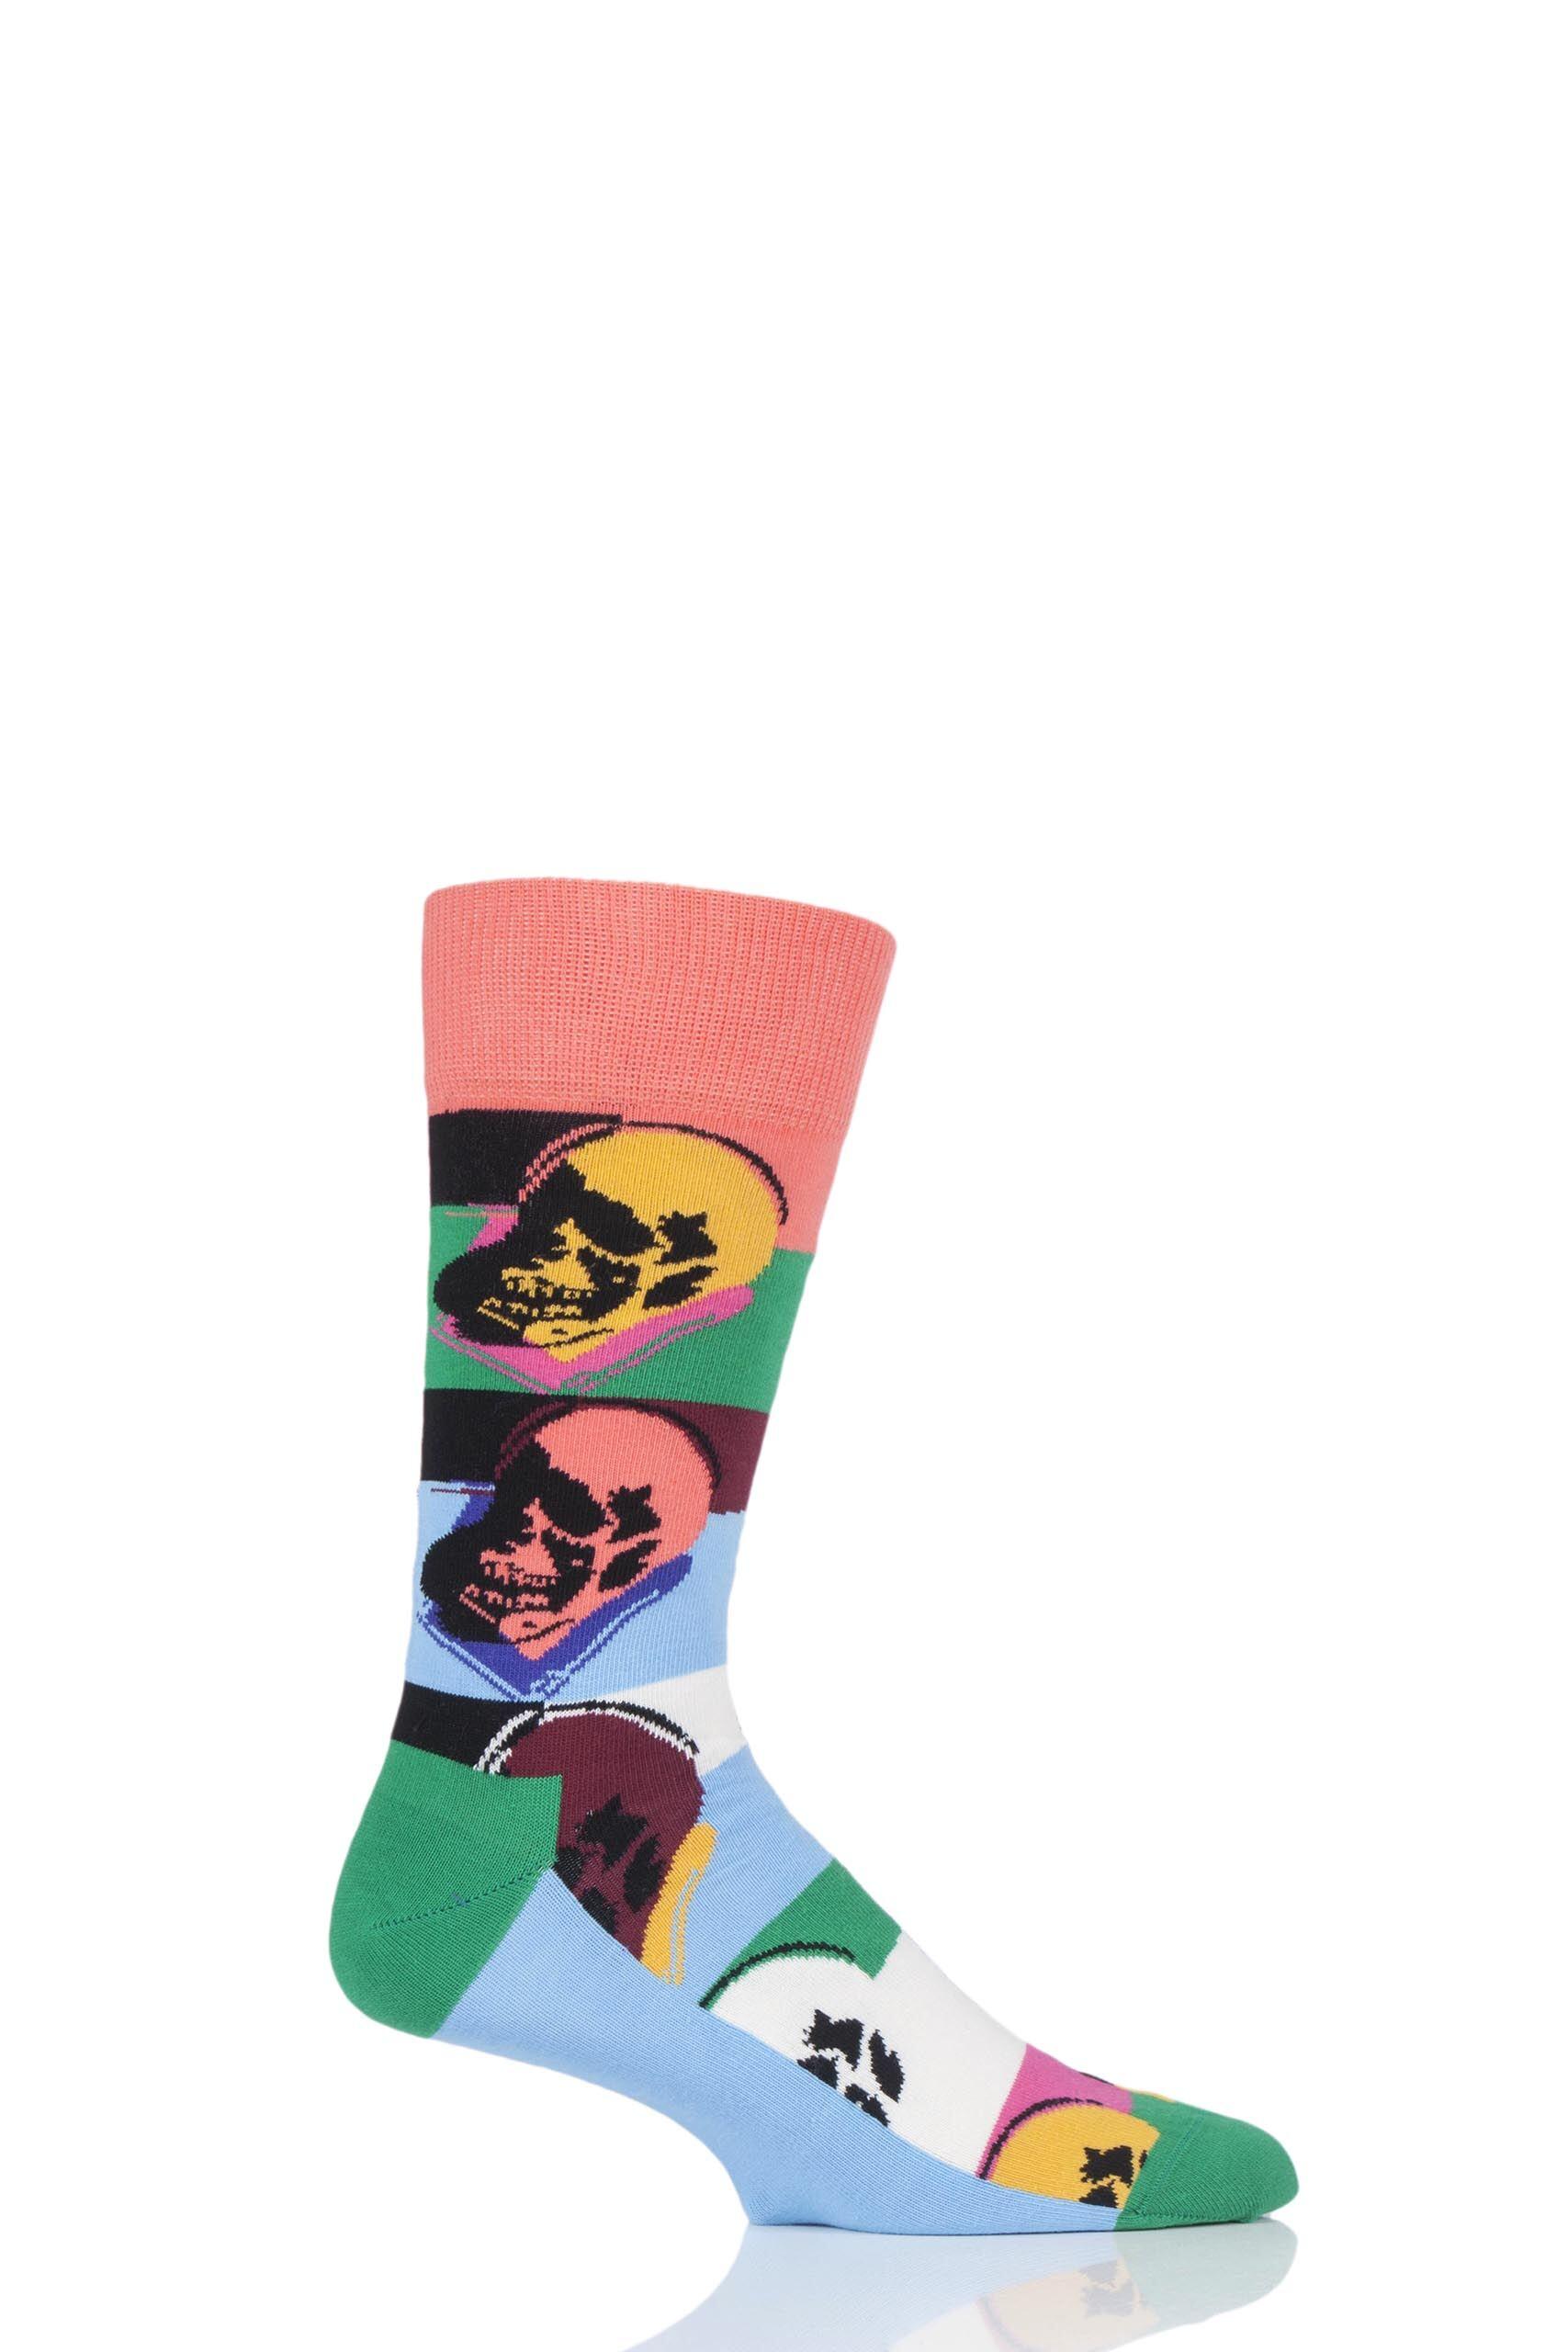 Image of 1 Pair Assorted Andy Warhol Skull Socks Unisex 4-7 Unisex - Happy Socks